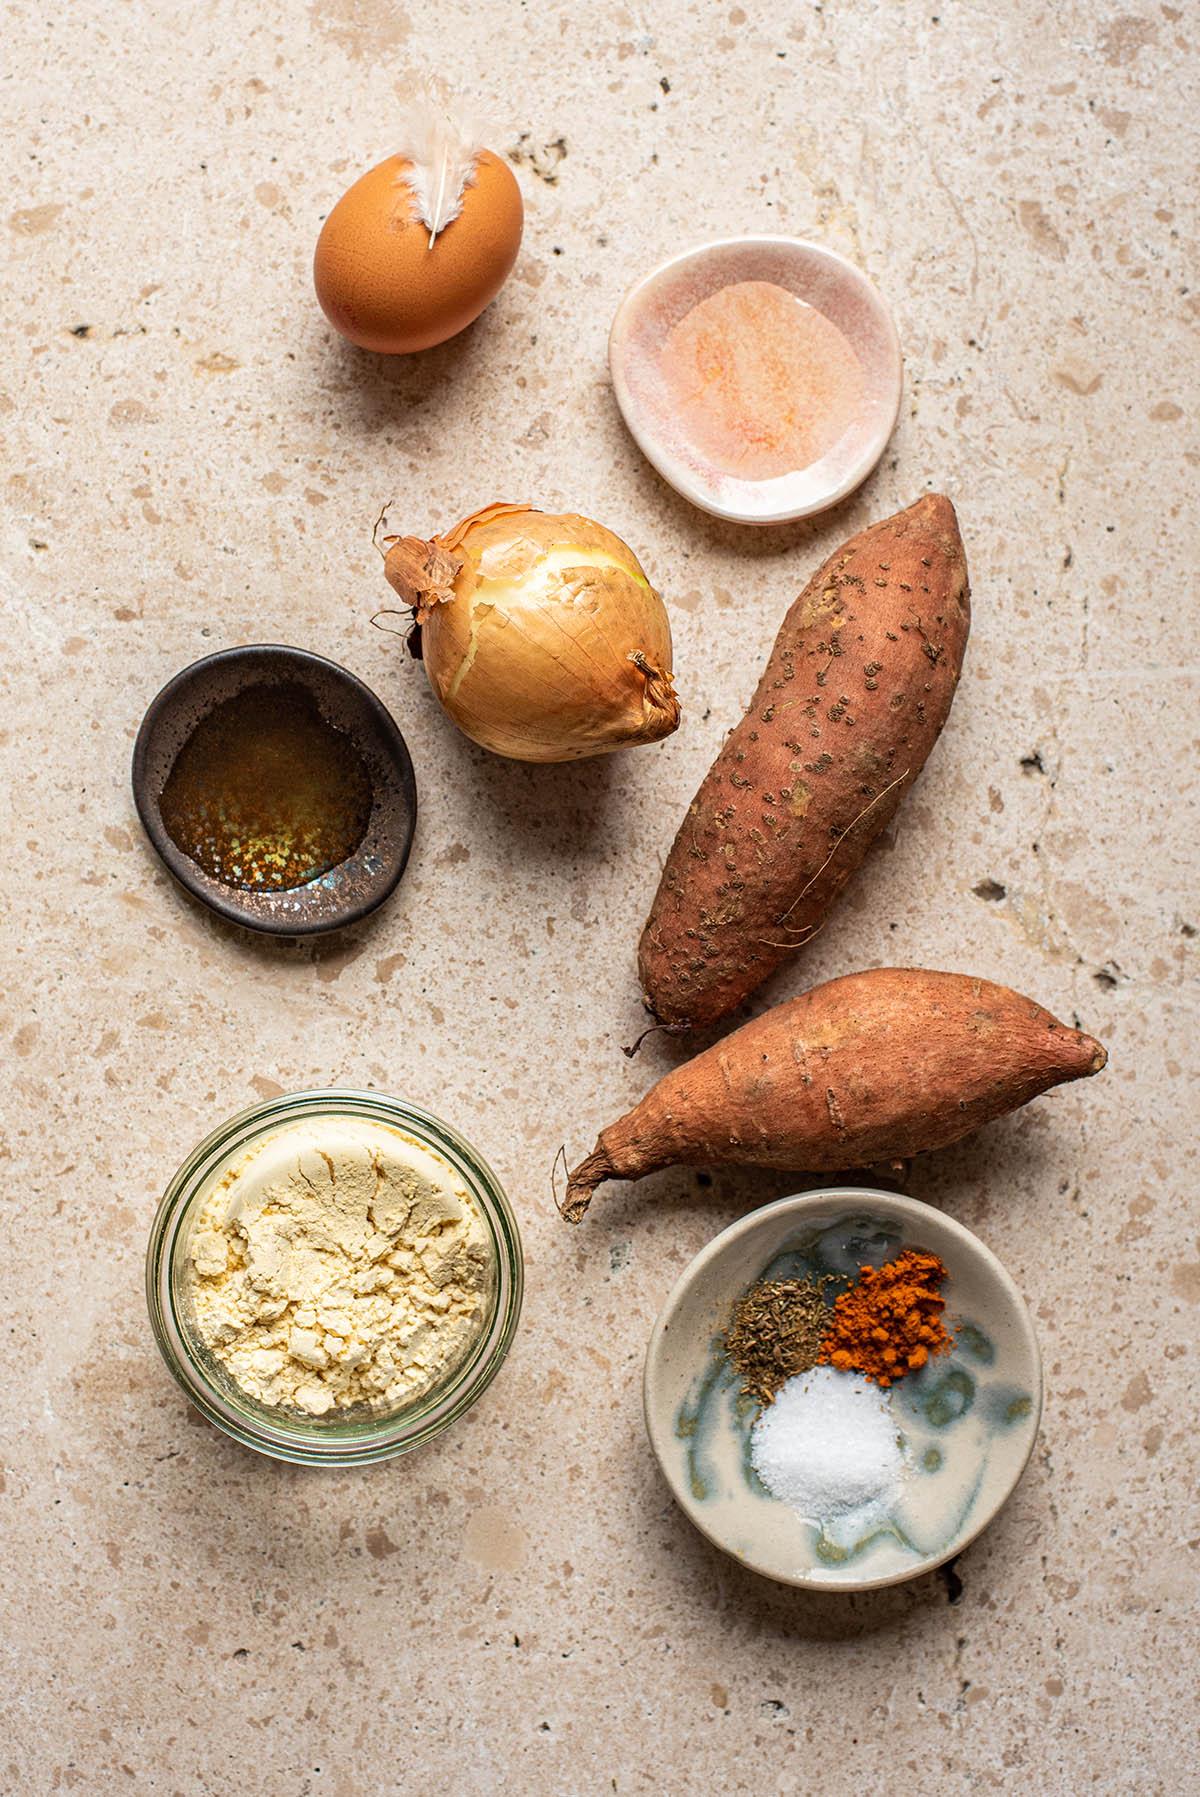 Sweet potato latke ingredients.